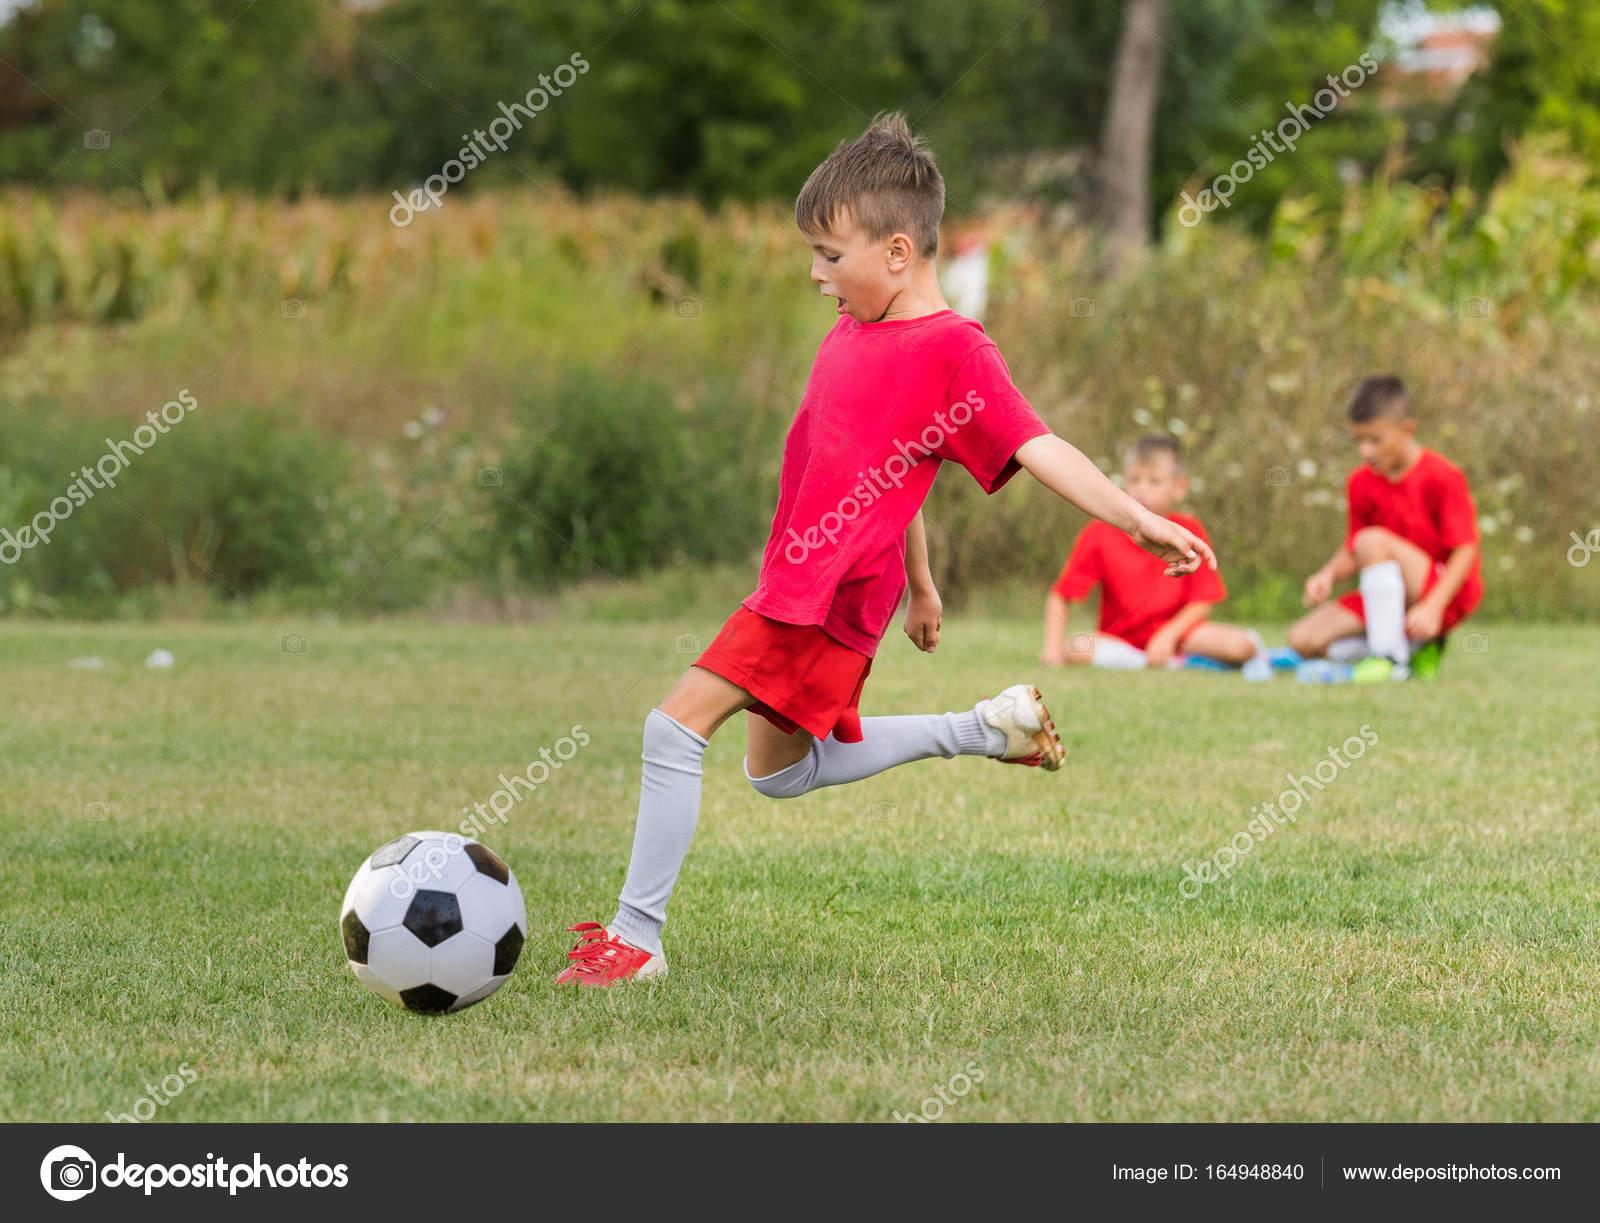 Kinder Fussball Fussball Kinder Spieler Match Am